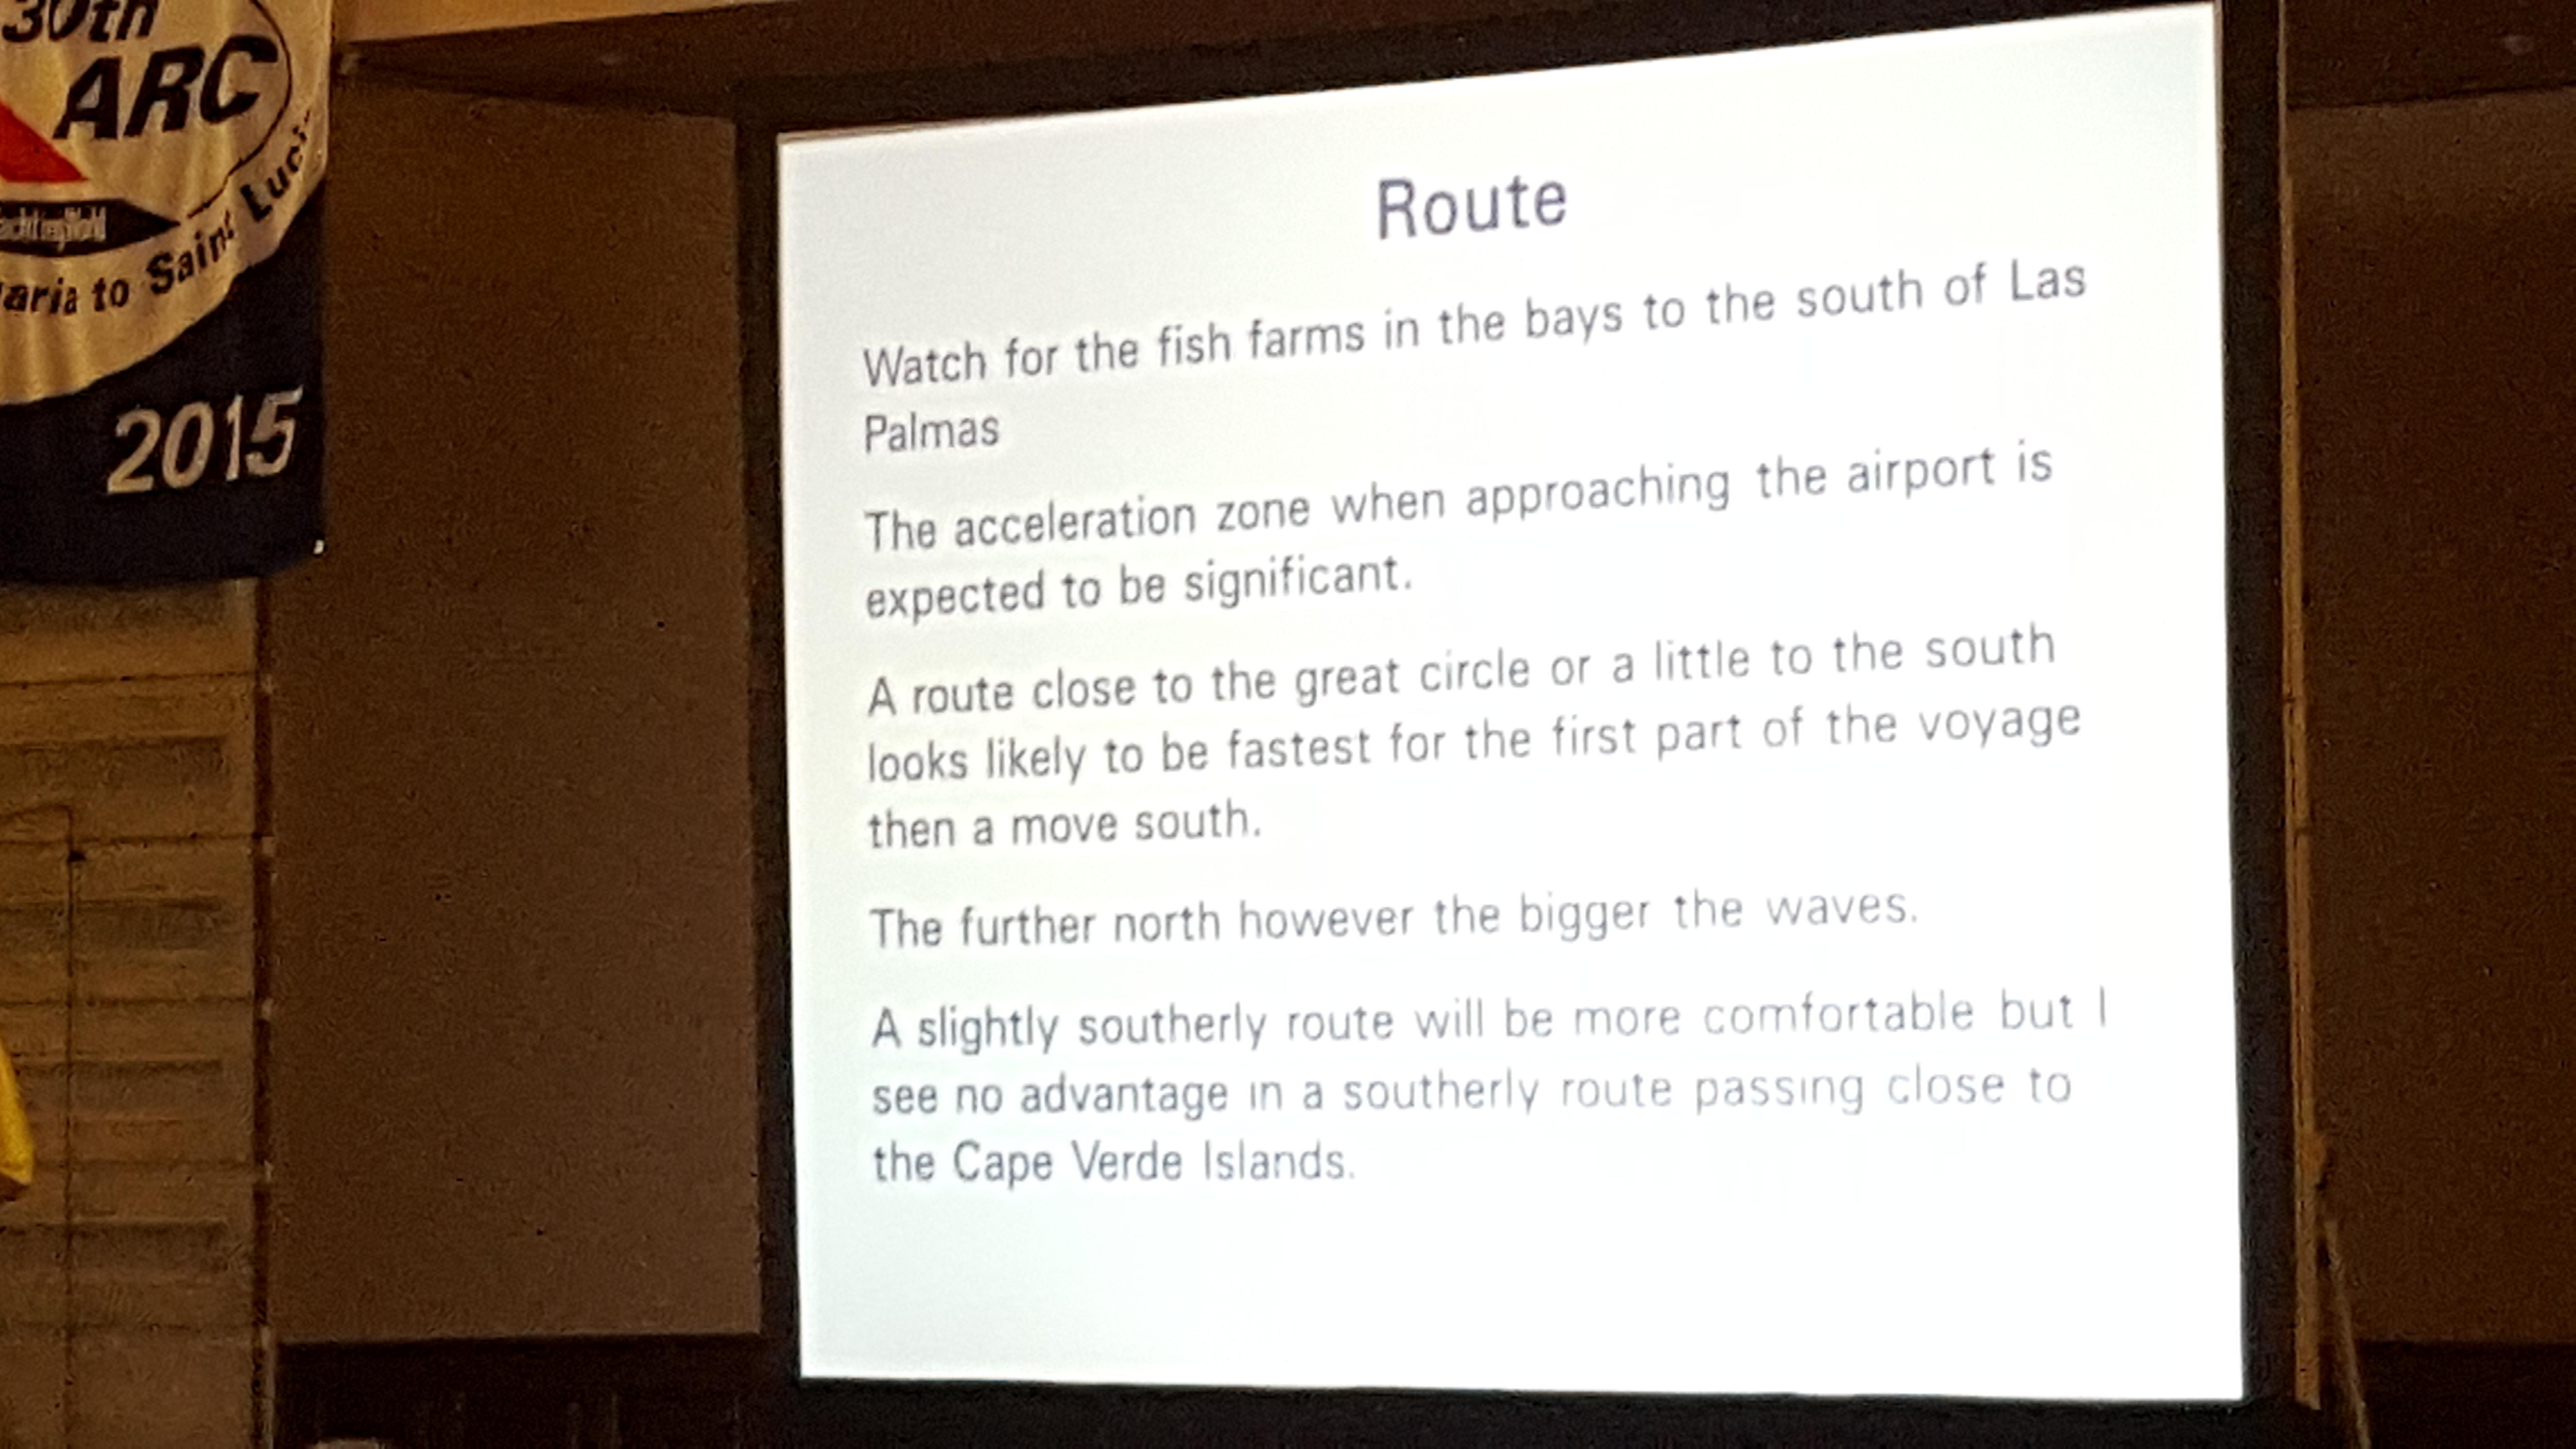 las palmas briefing route arc route